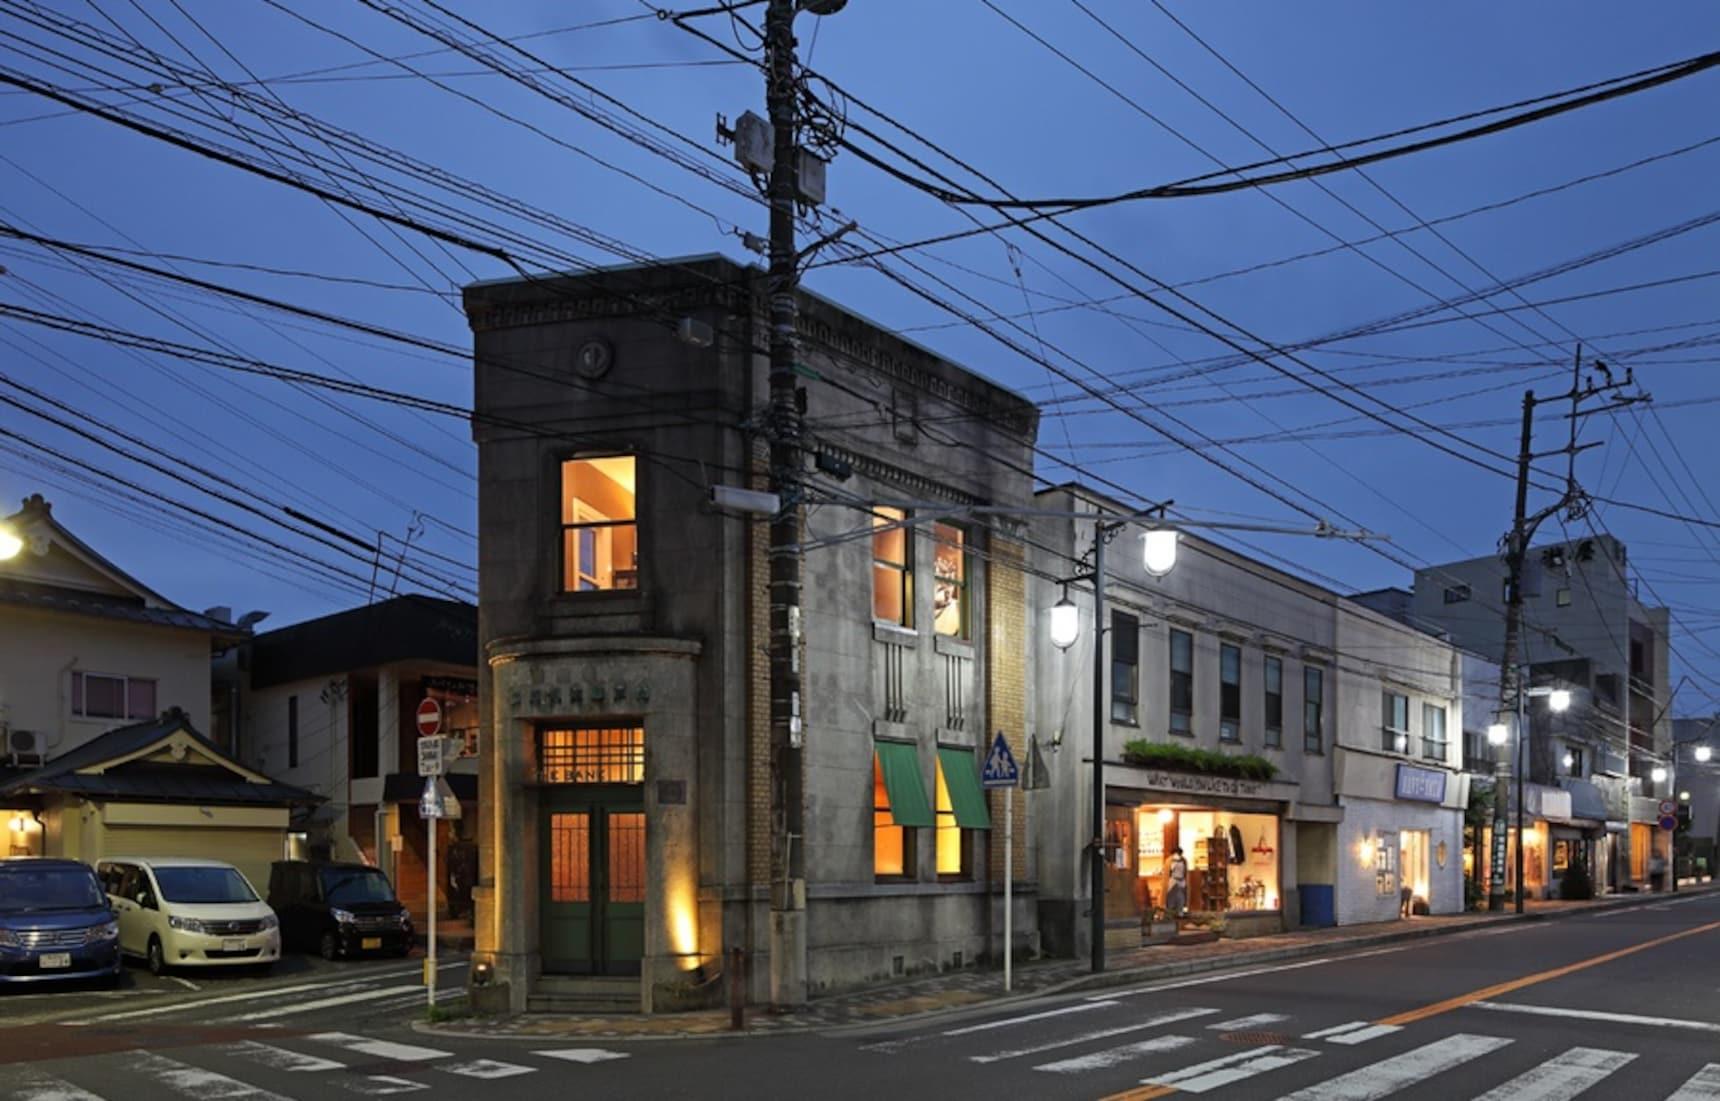 懷舊情懷滿溢的酒吧「The Bank」讓鎌倉的夜晚好迷人